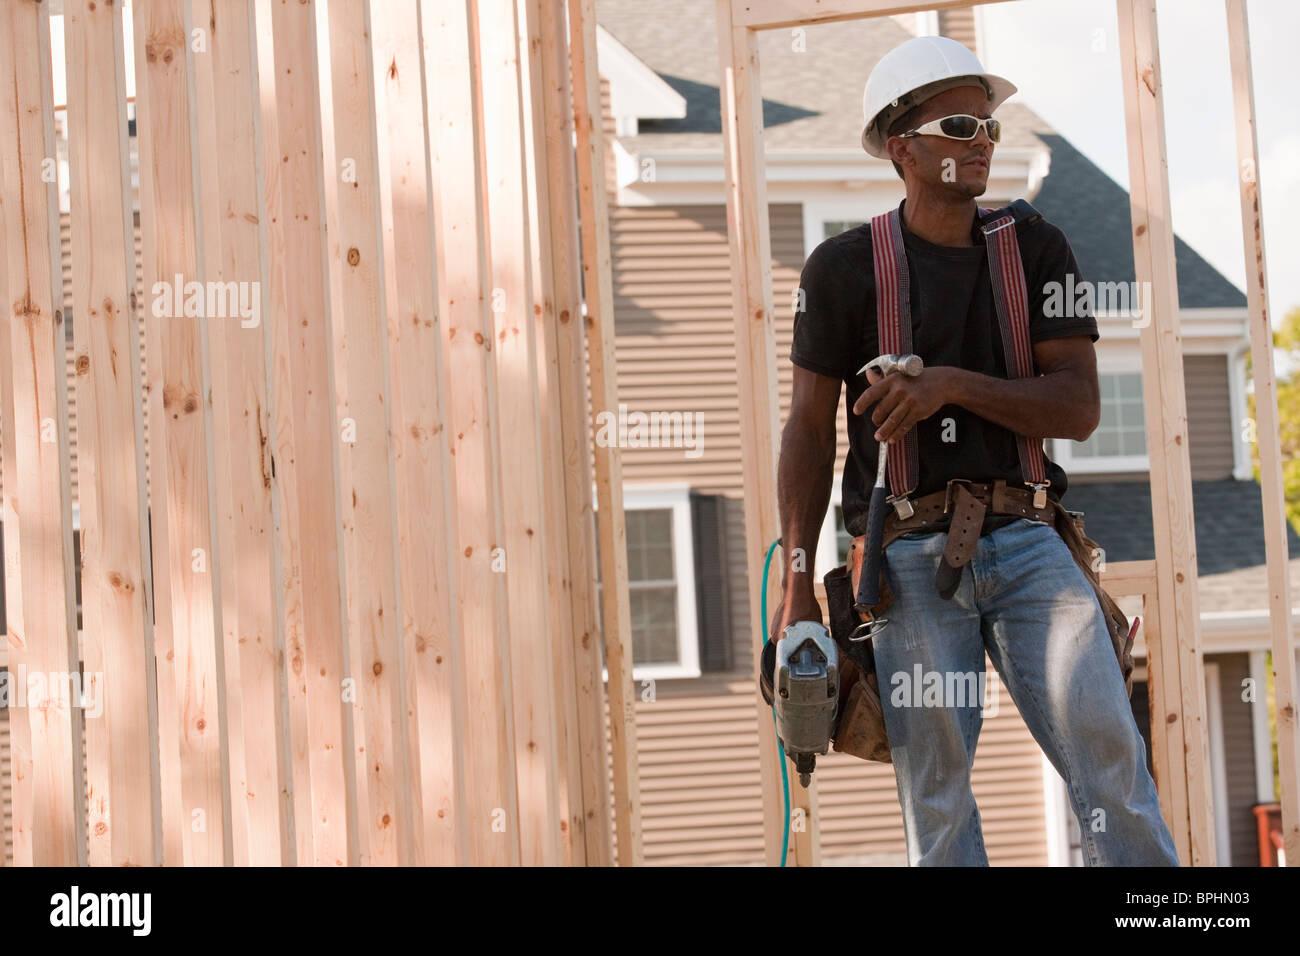 Tischler arbeiten mit einem Hammer und Nagel Pistole Stockfoto, Bild ...